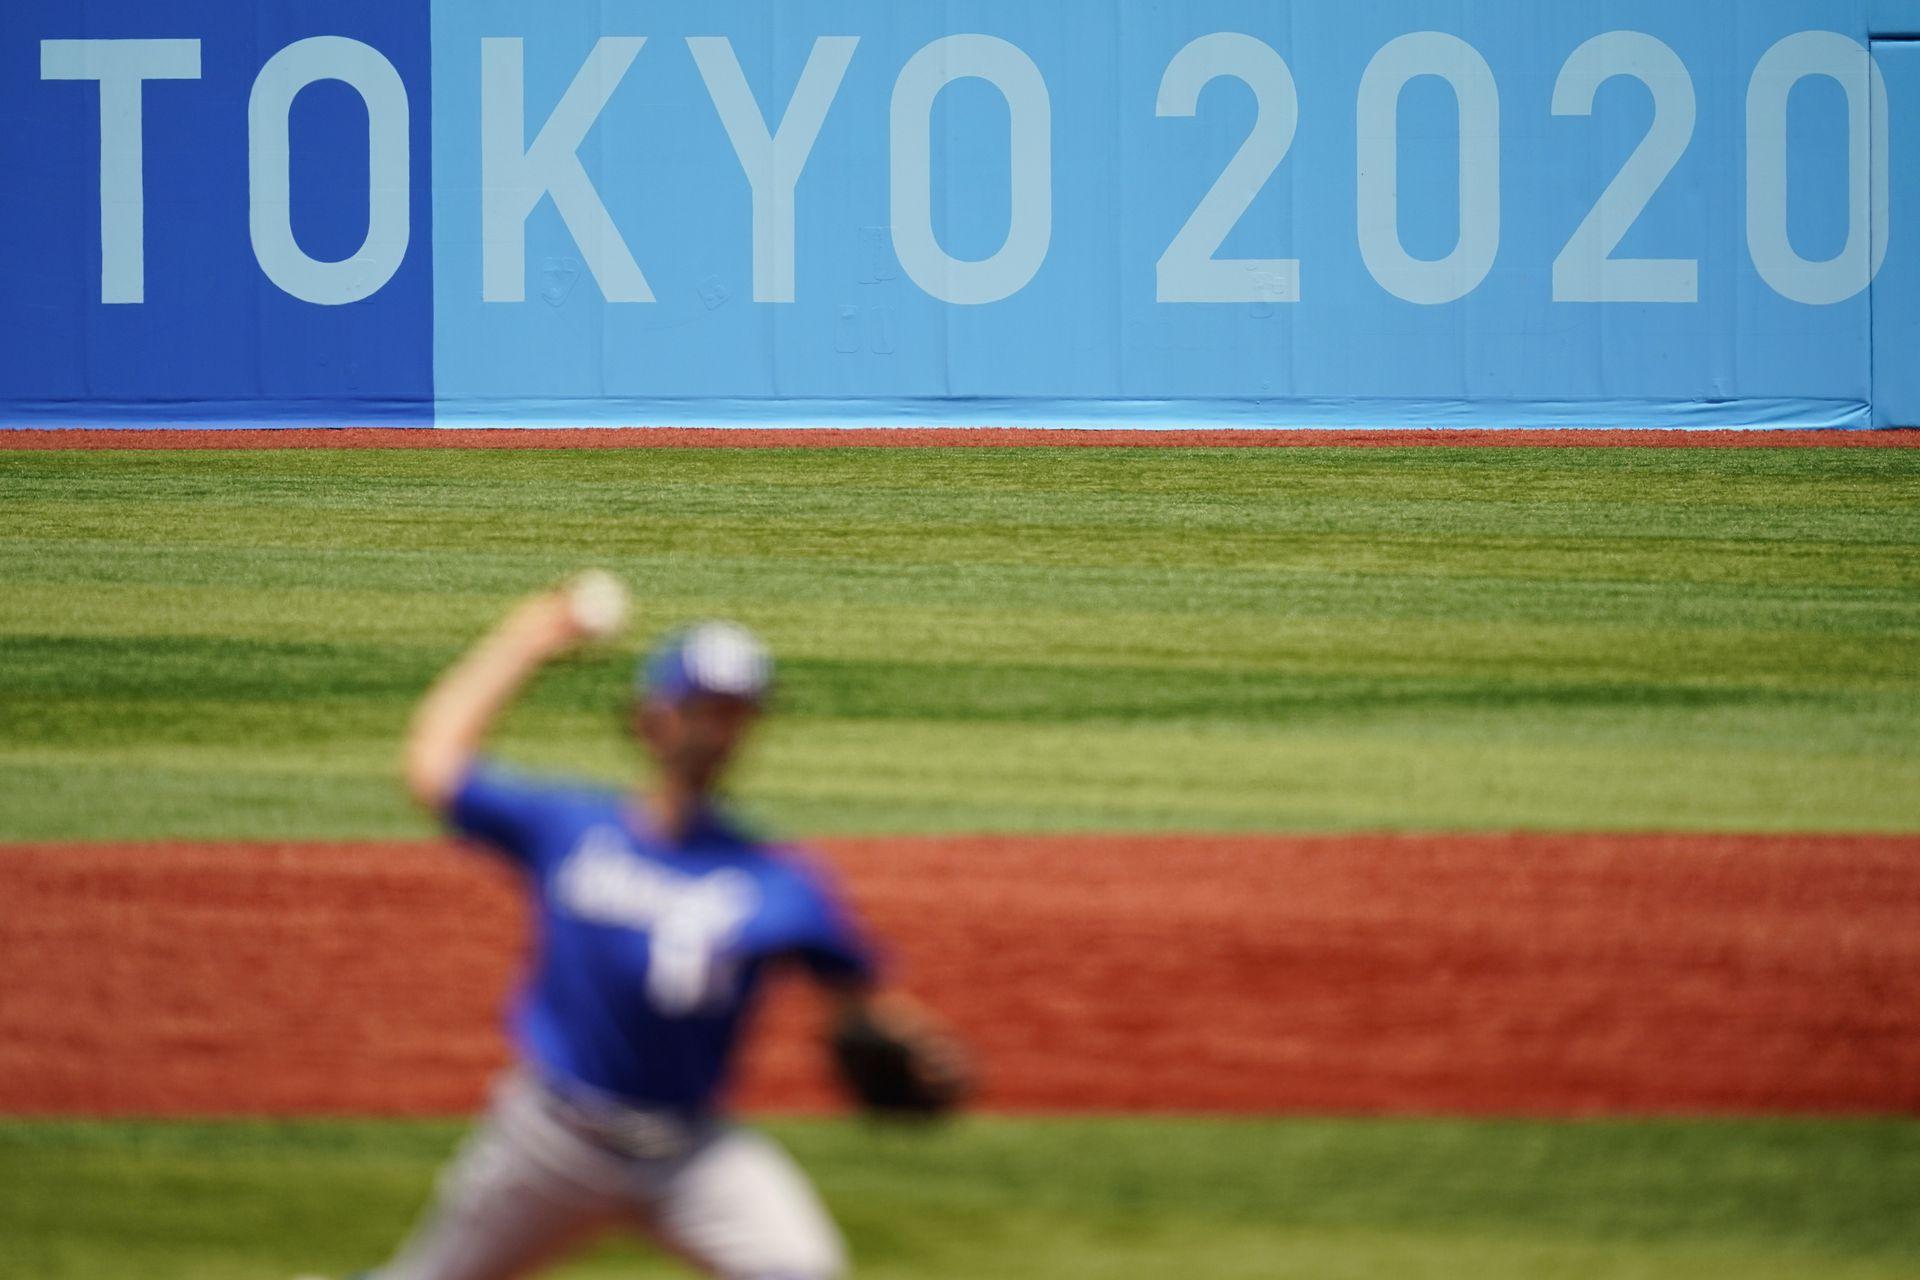 Joseph Wagman, de Israel lanza, durante un juego de béisbol contra Corea del Sur en Yokohama